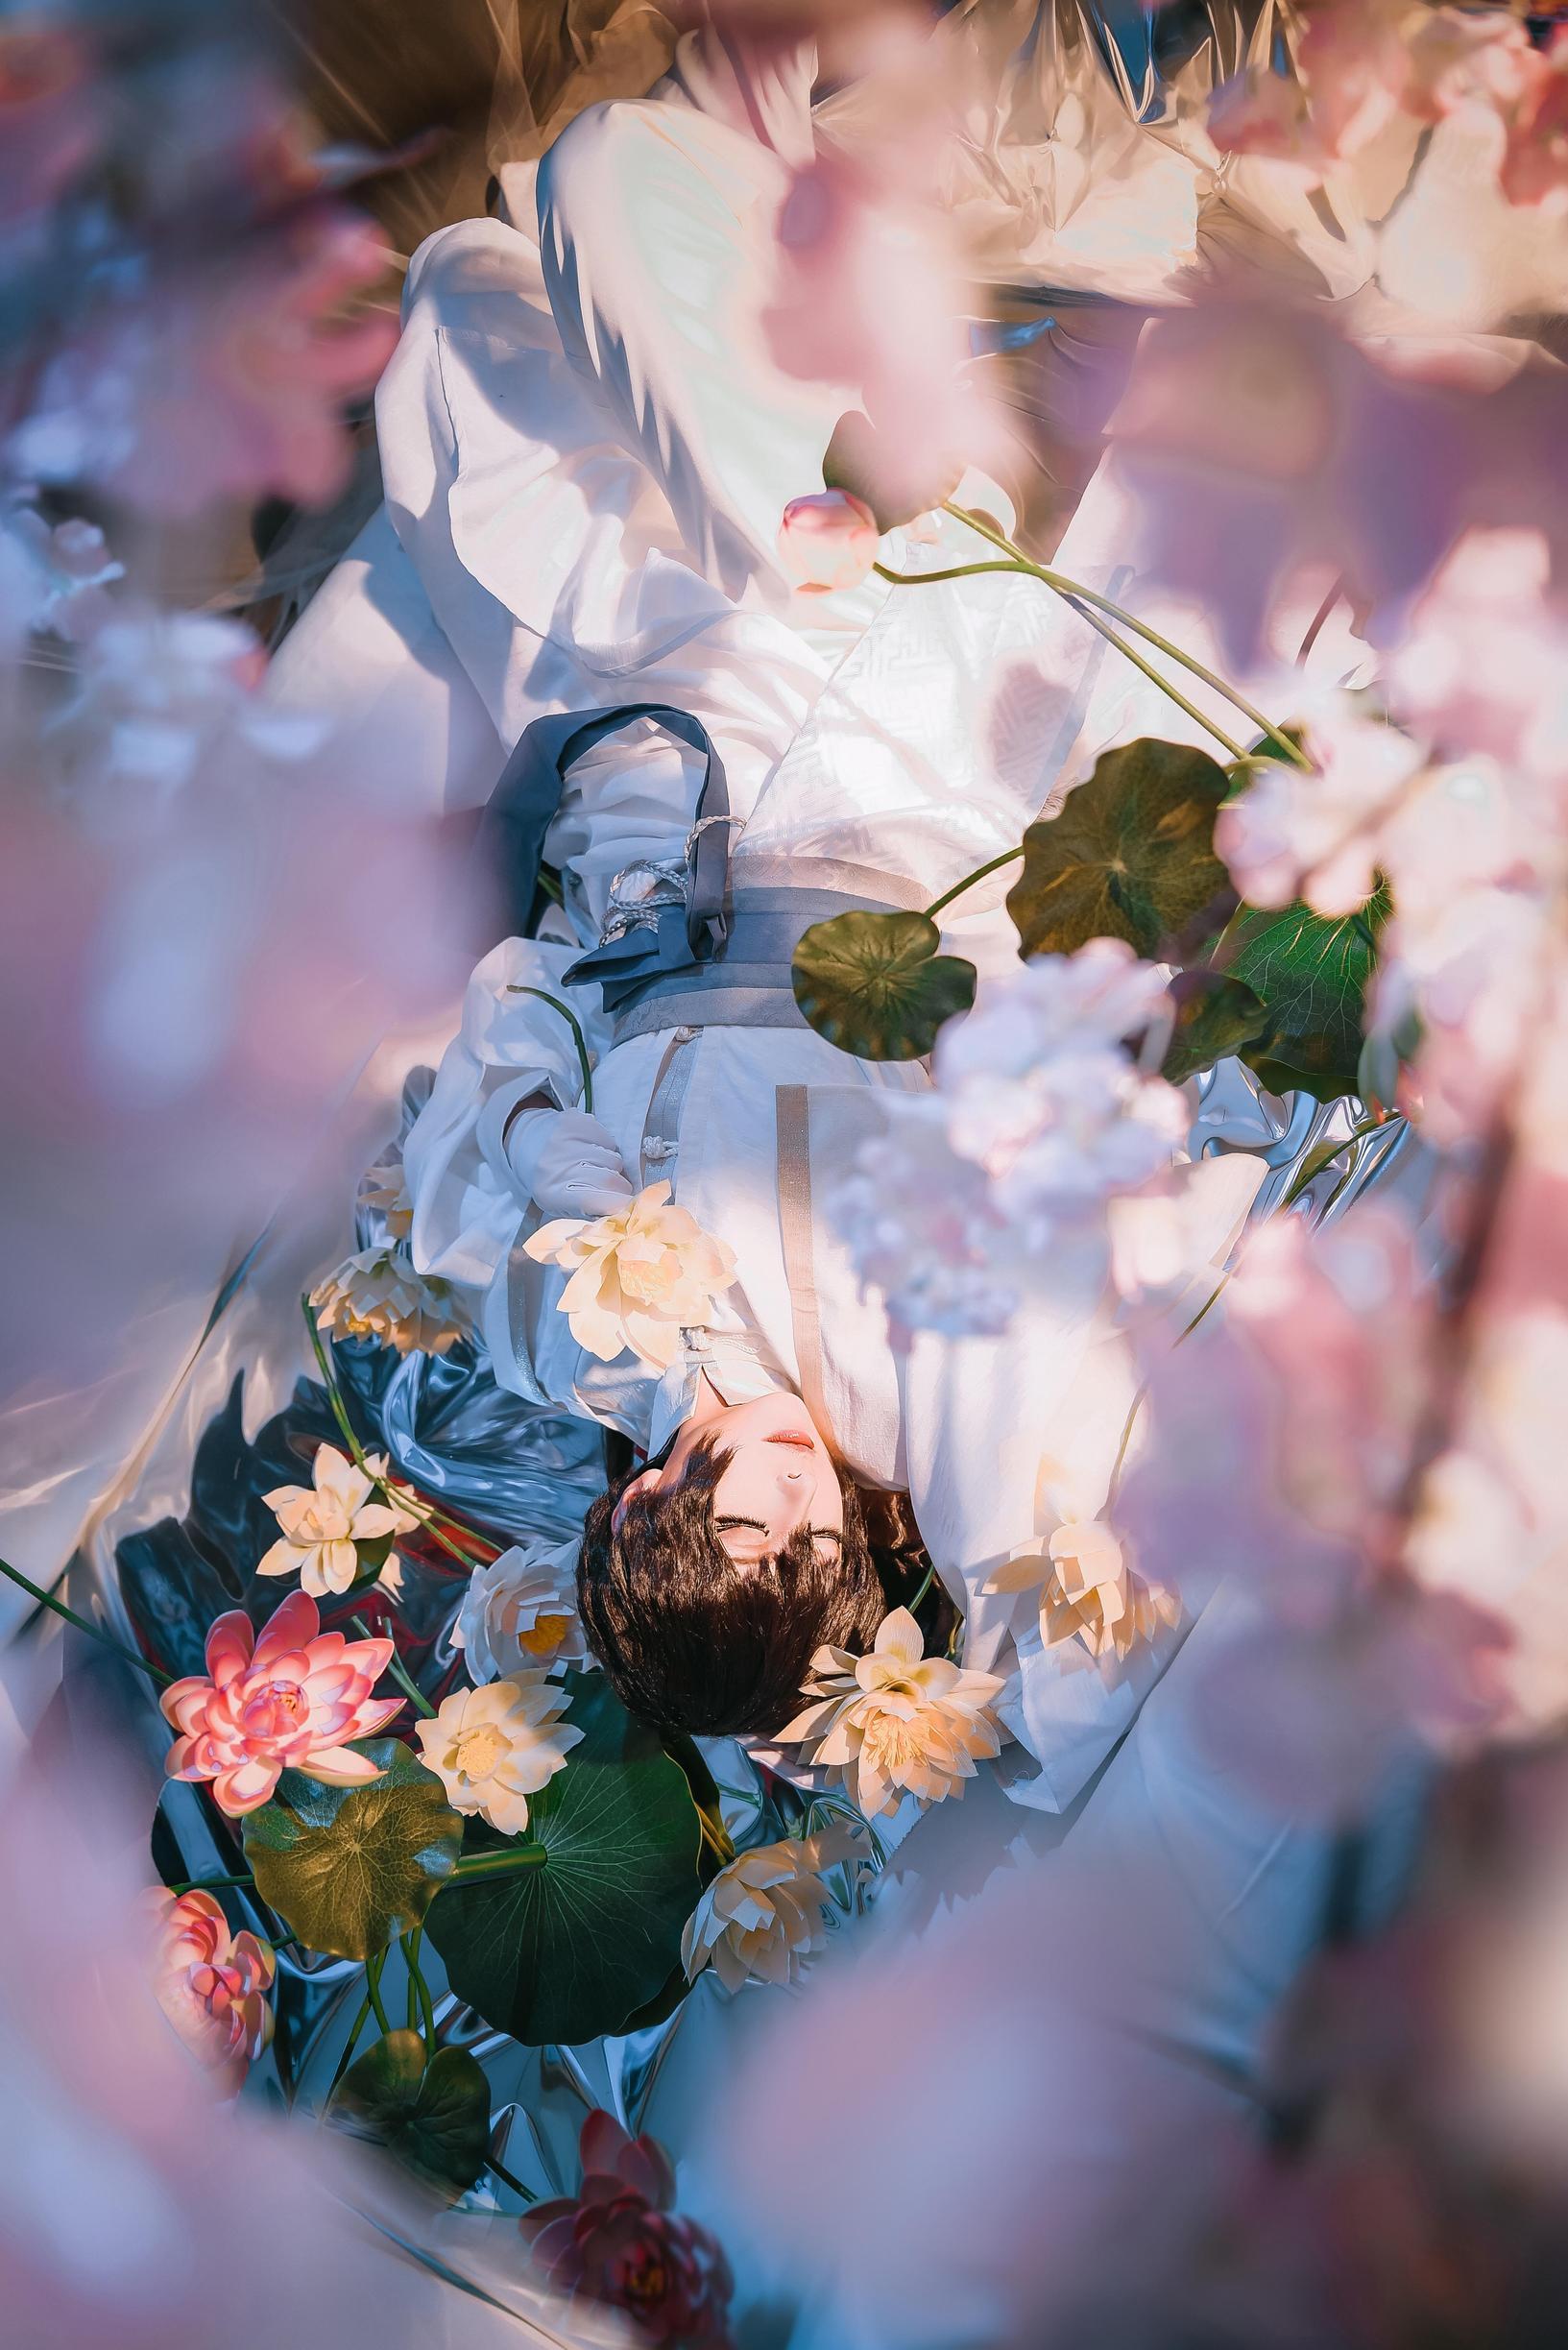 《文豪野犬》文豪野犬太宰治cosplay【CN:bab工作室啵比】-第10张